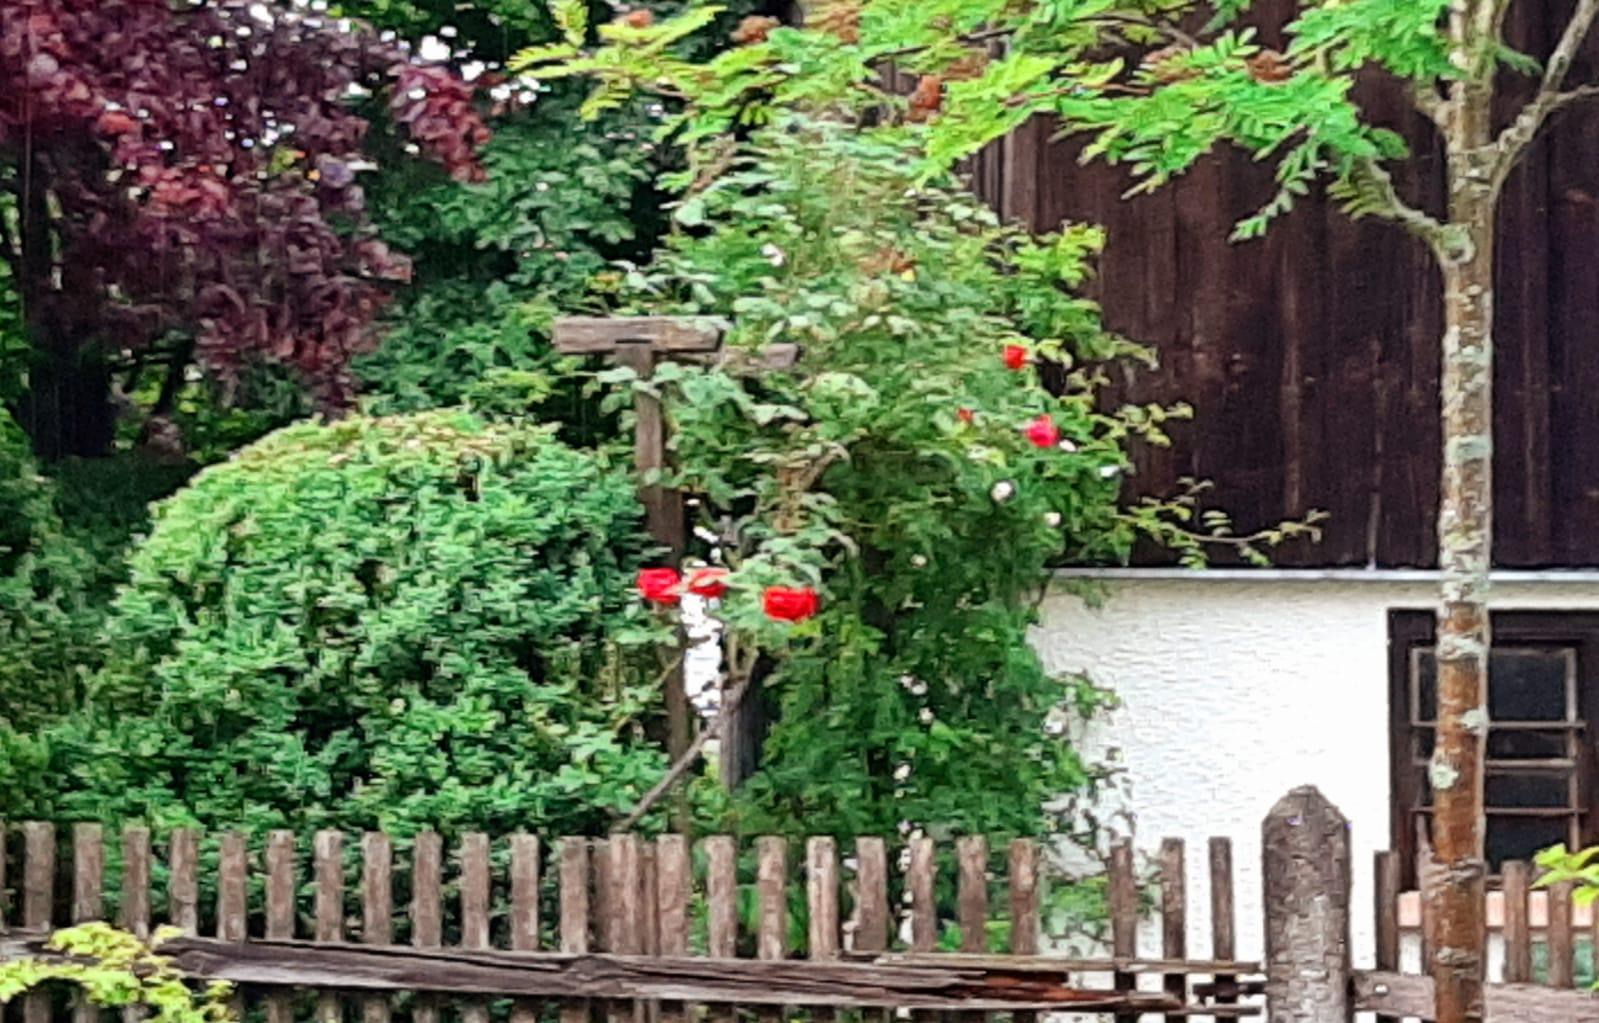 Vertikales Grün am Gartenzaun Beate Römlein